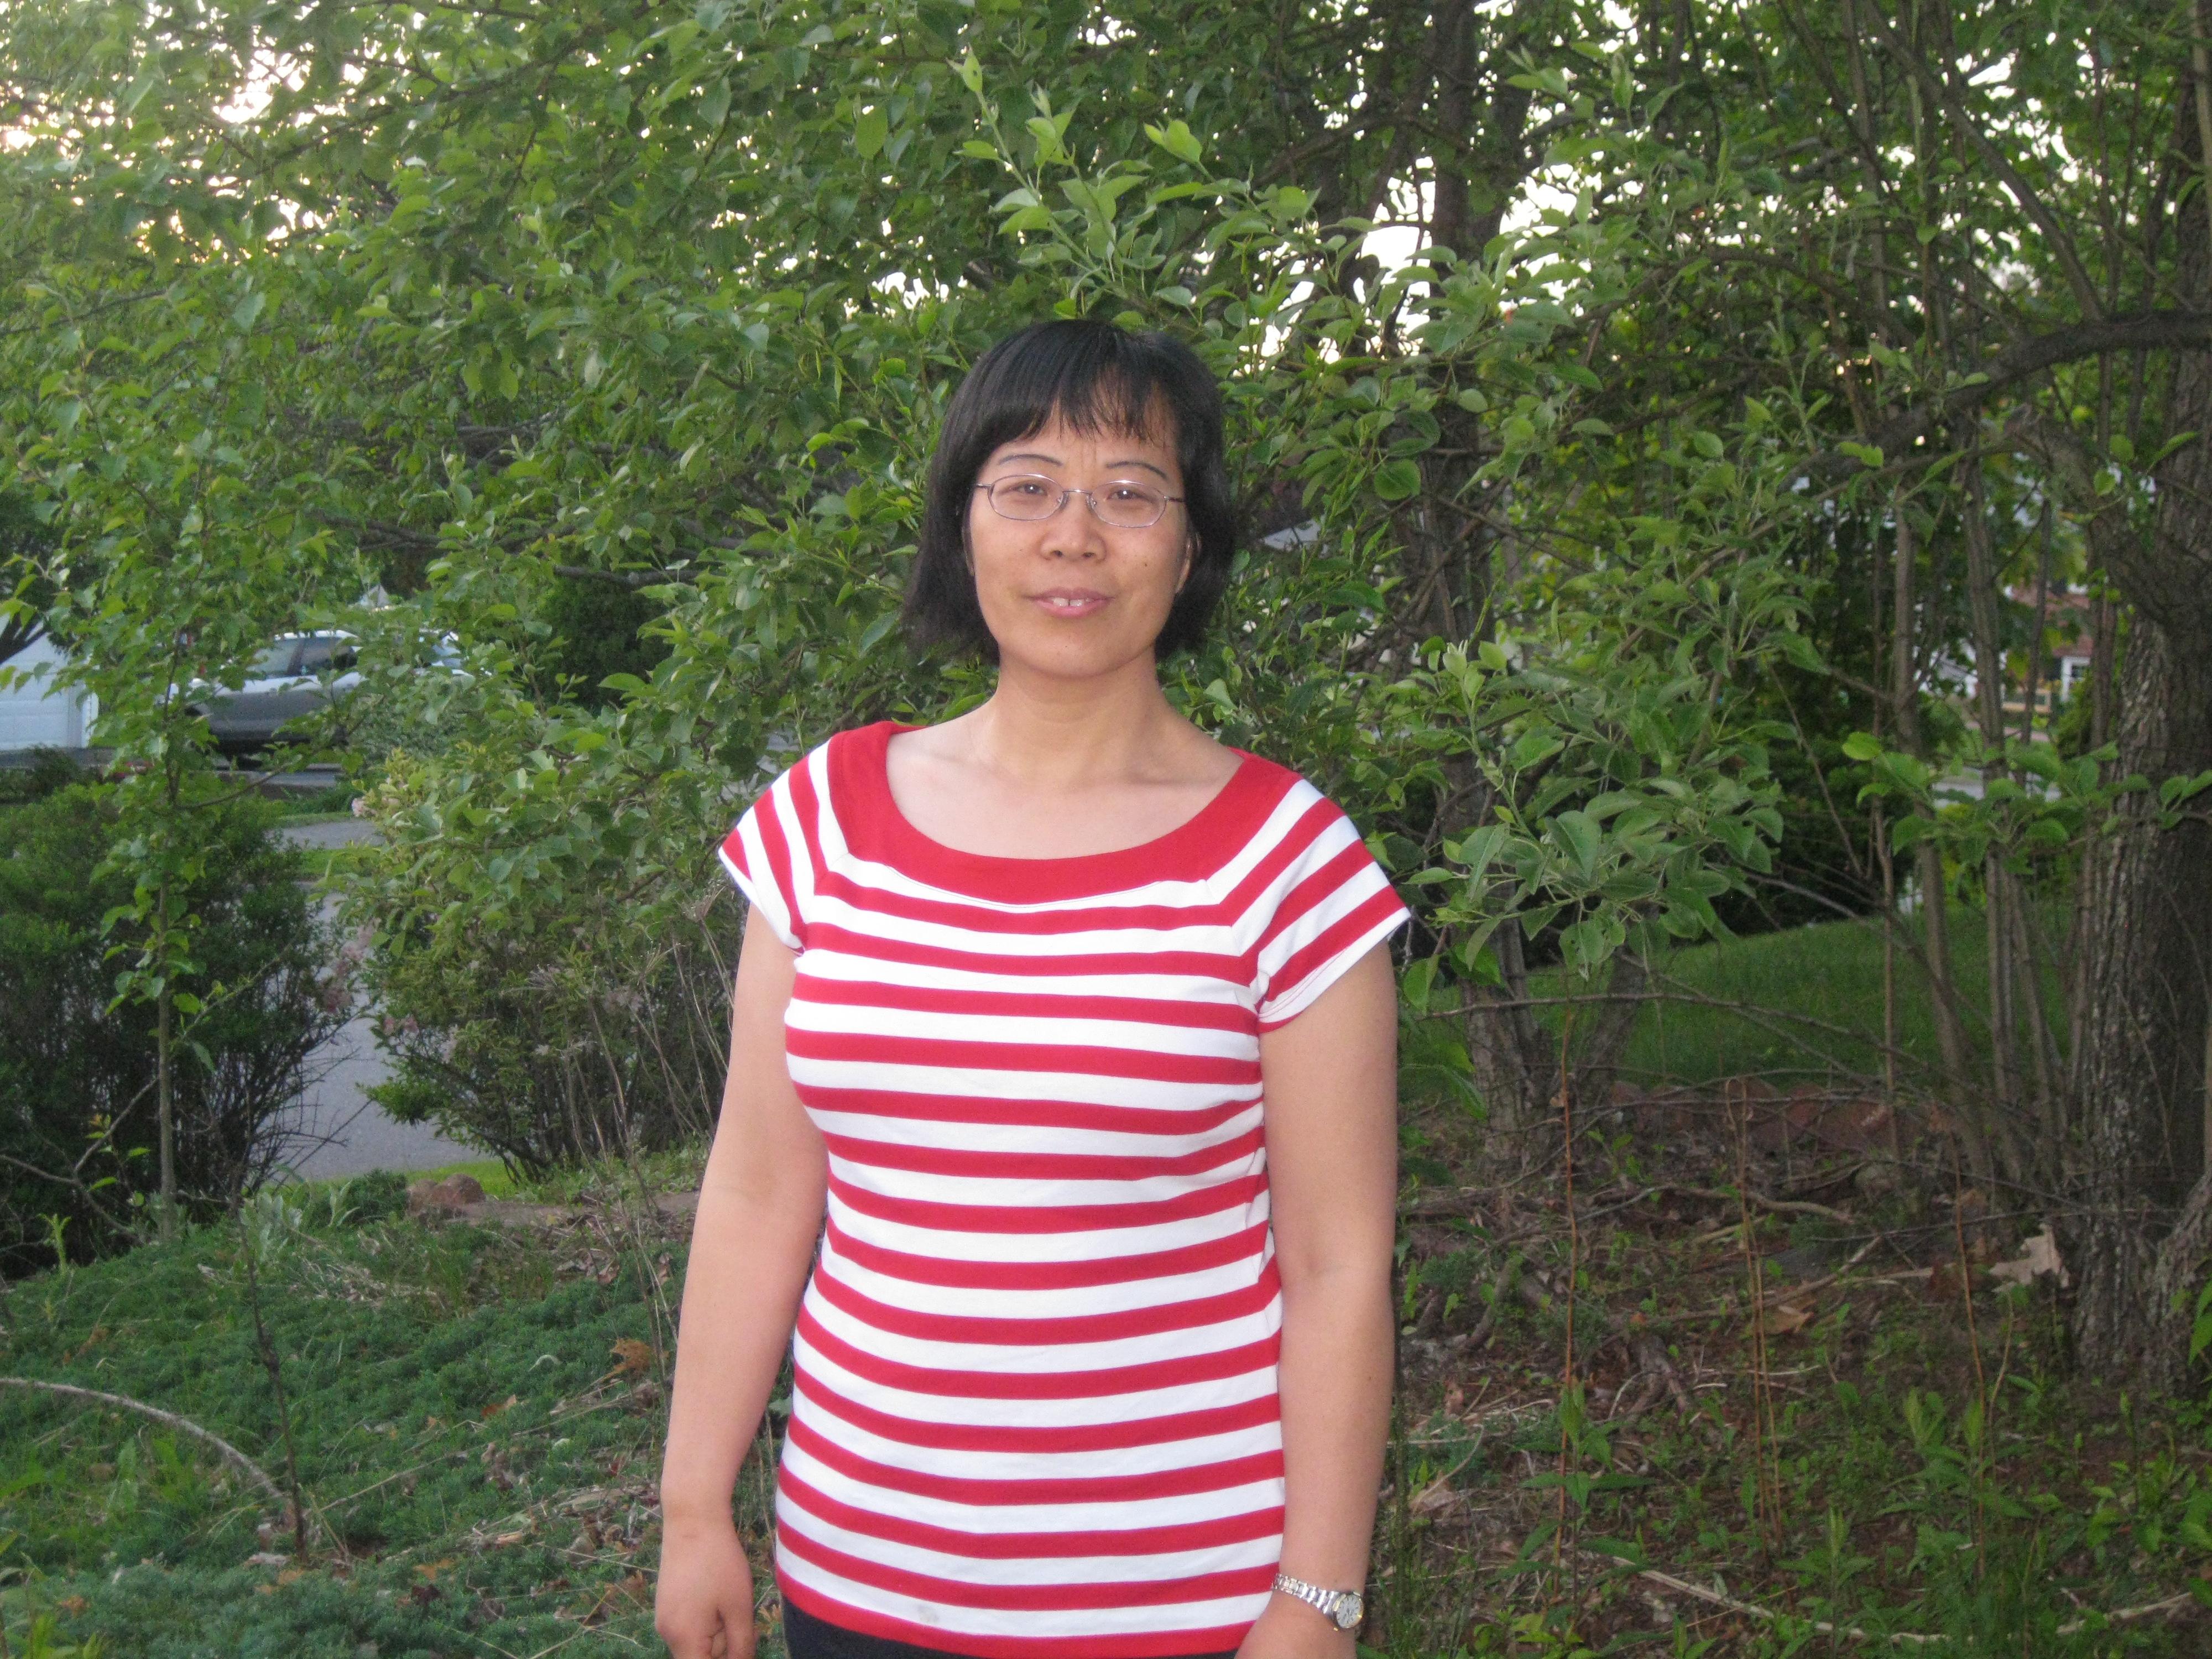 Junling Wang